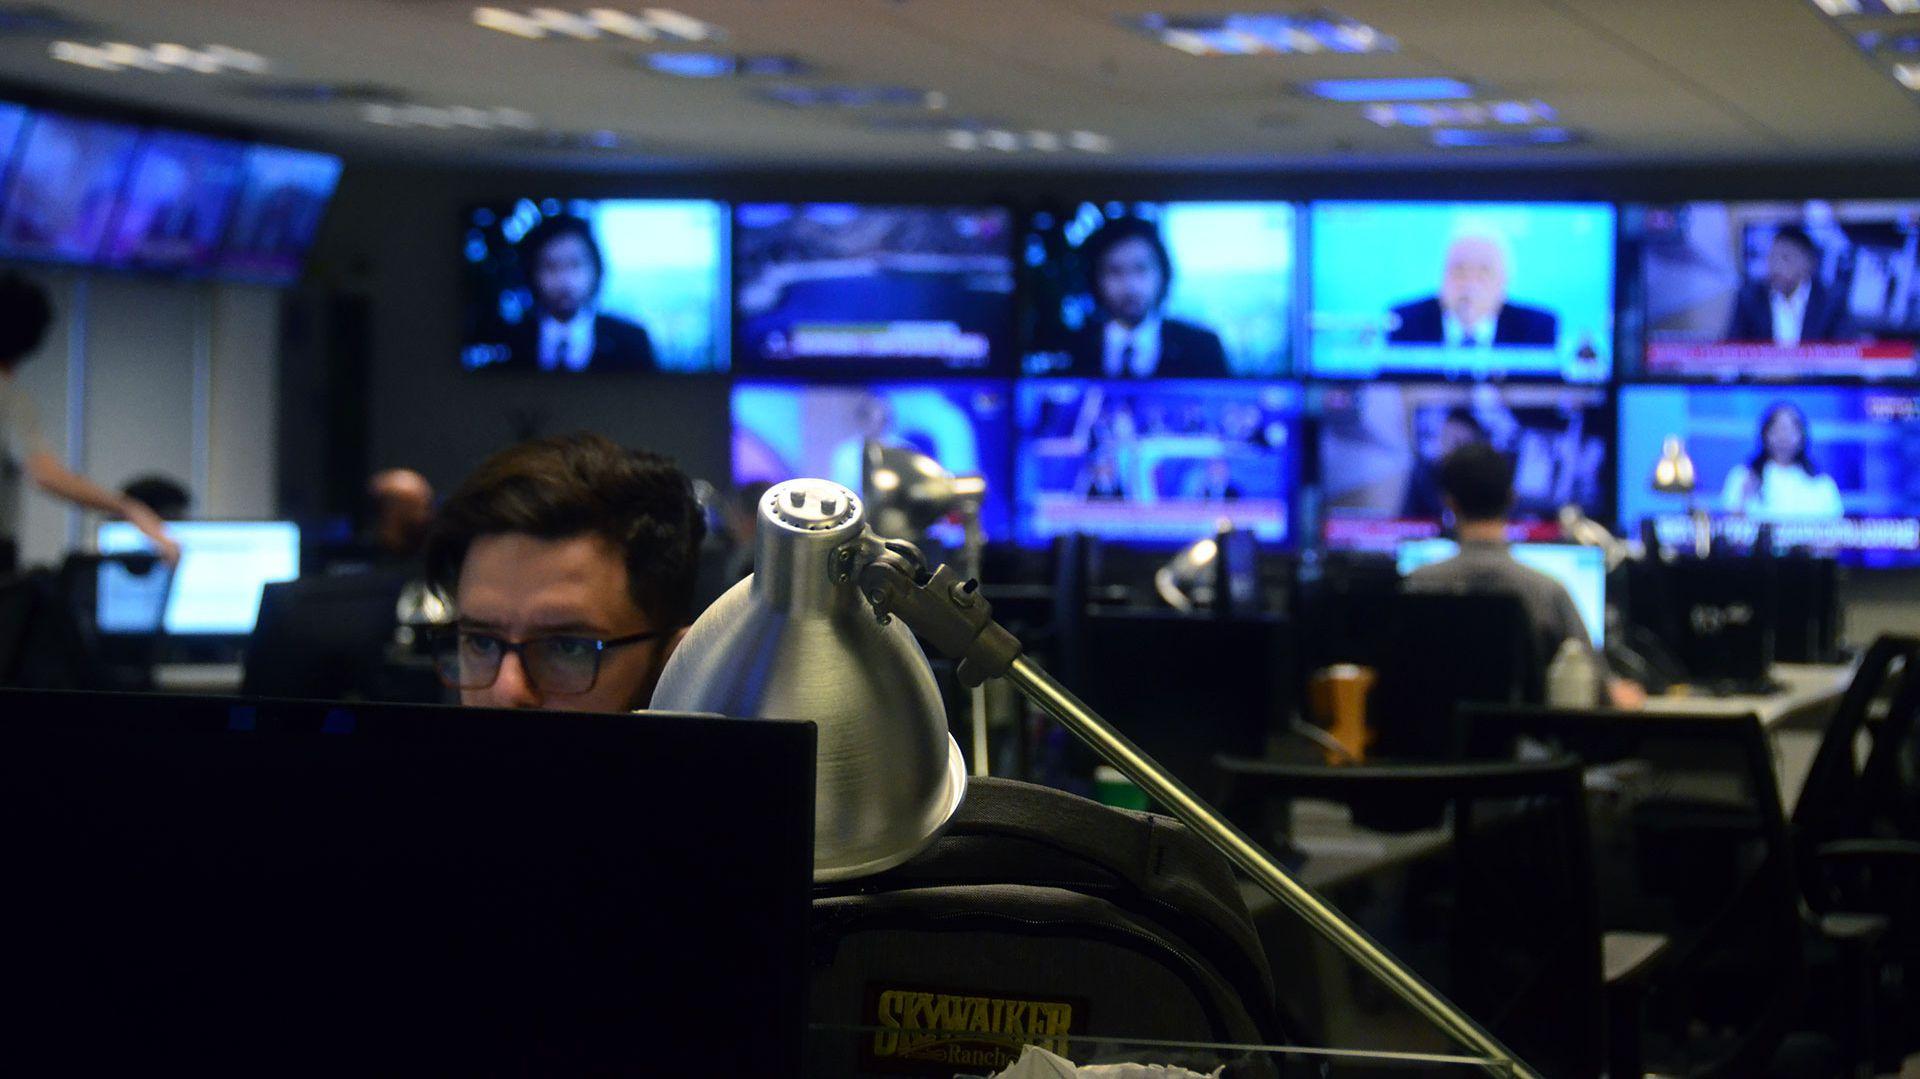 La redacción, en los estudios de Martínez. Allí trabaja el equipo de producción del noticiero